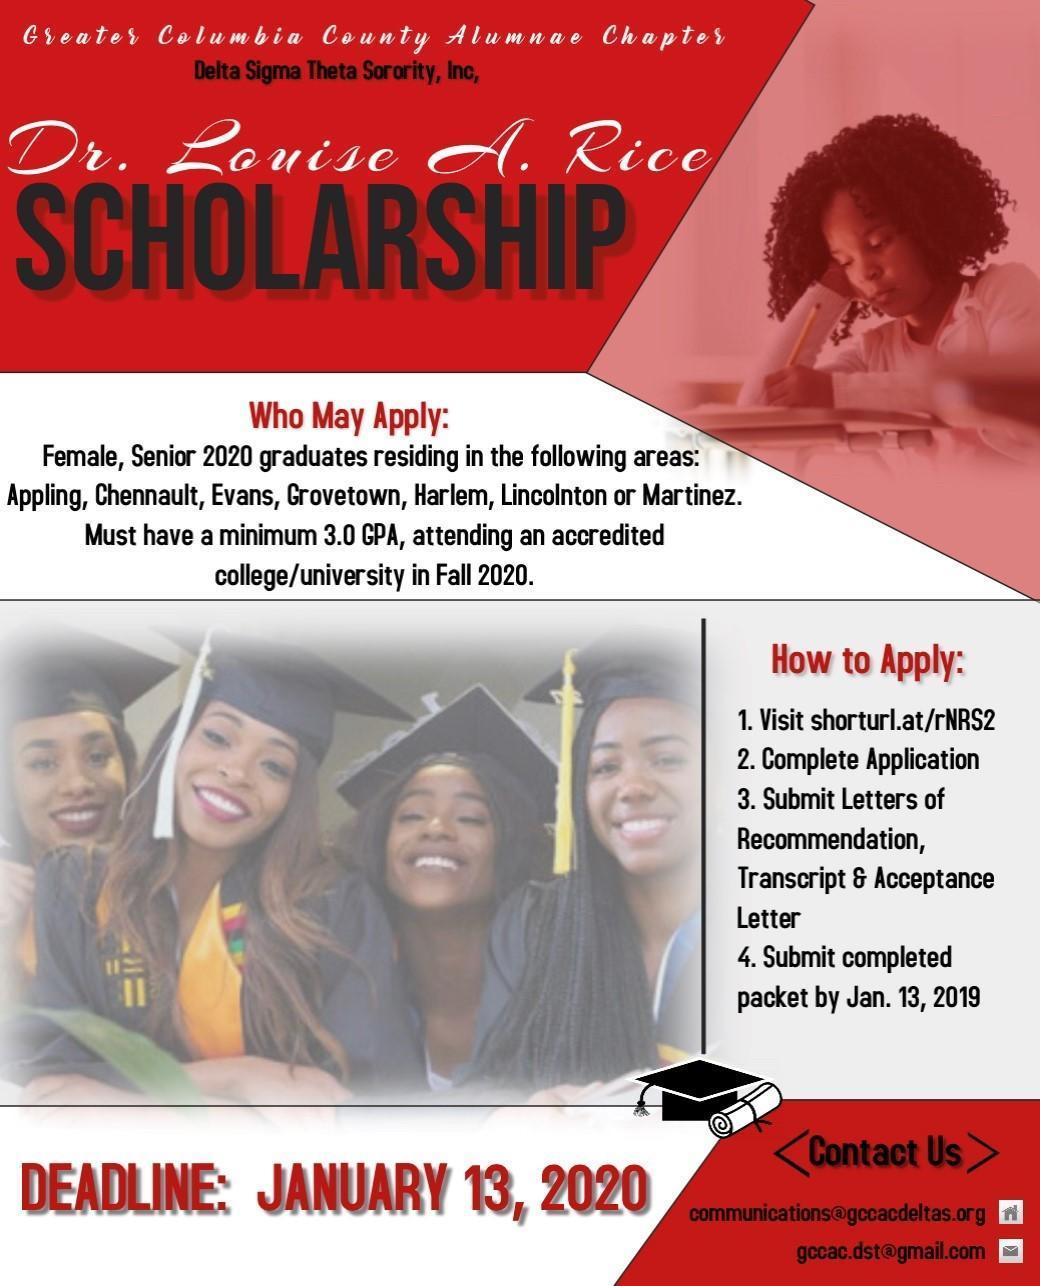 Delta Sigma Theta Scholarship